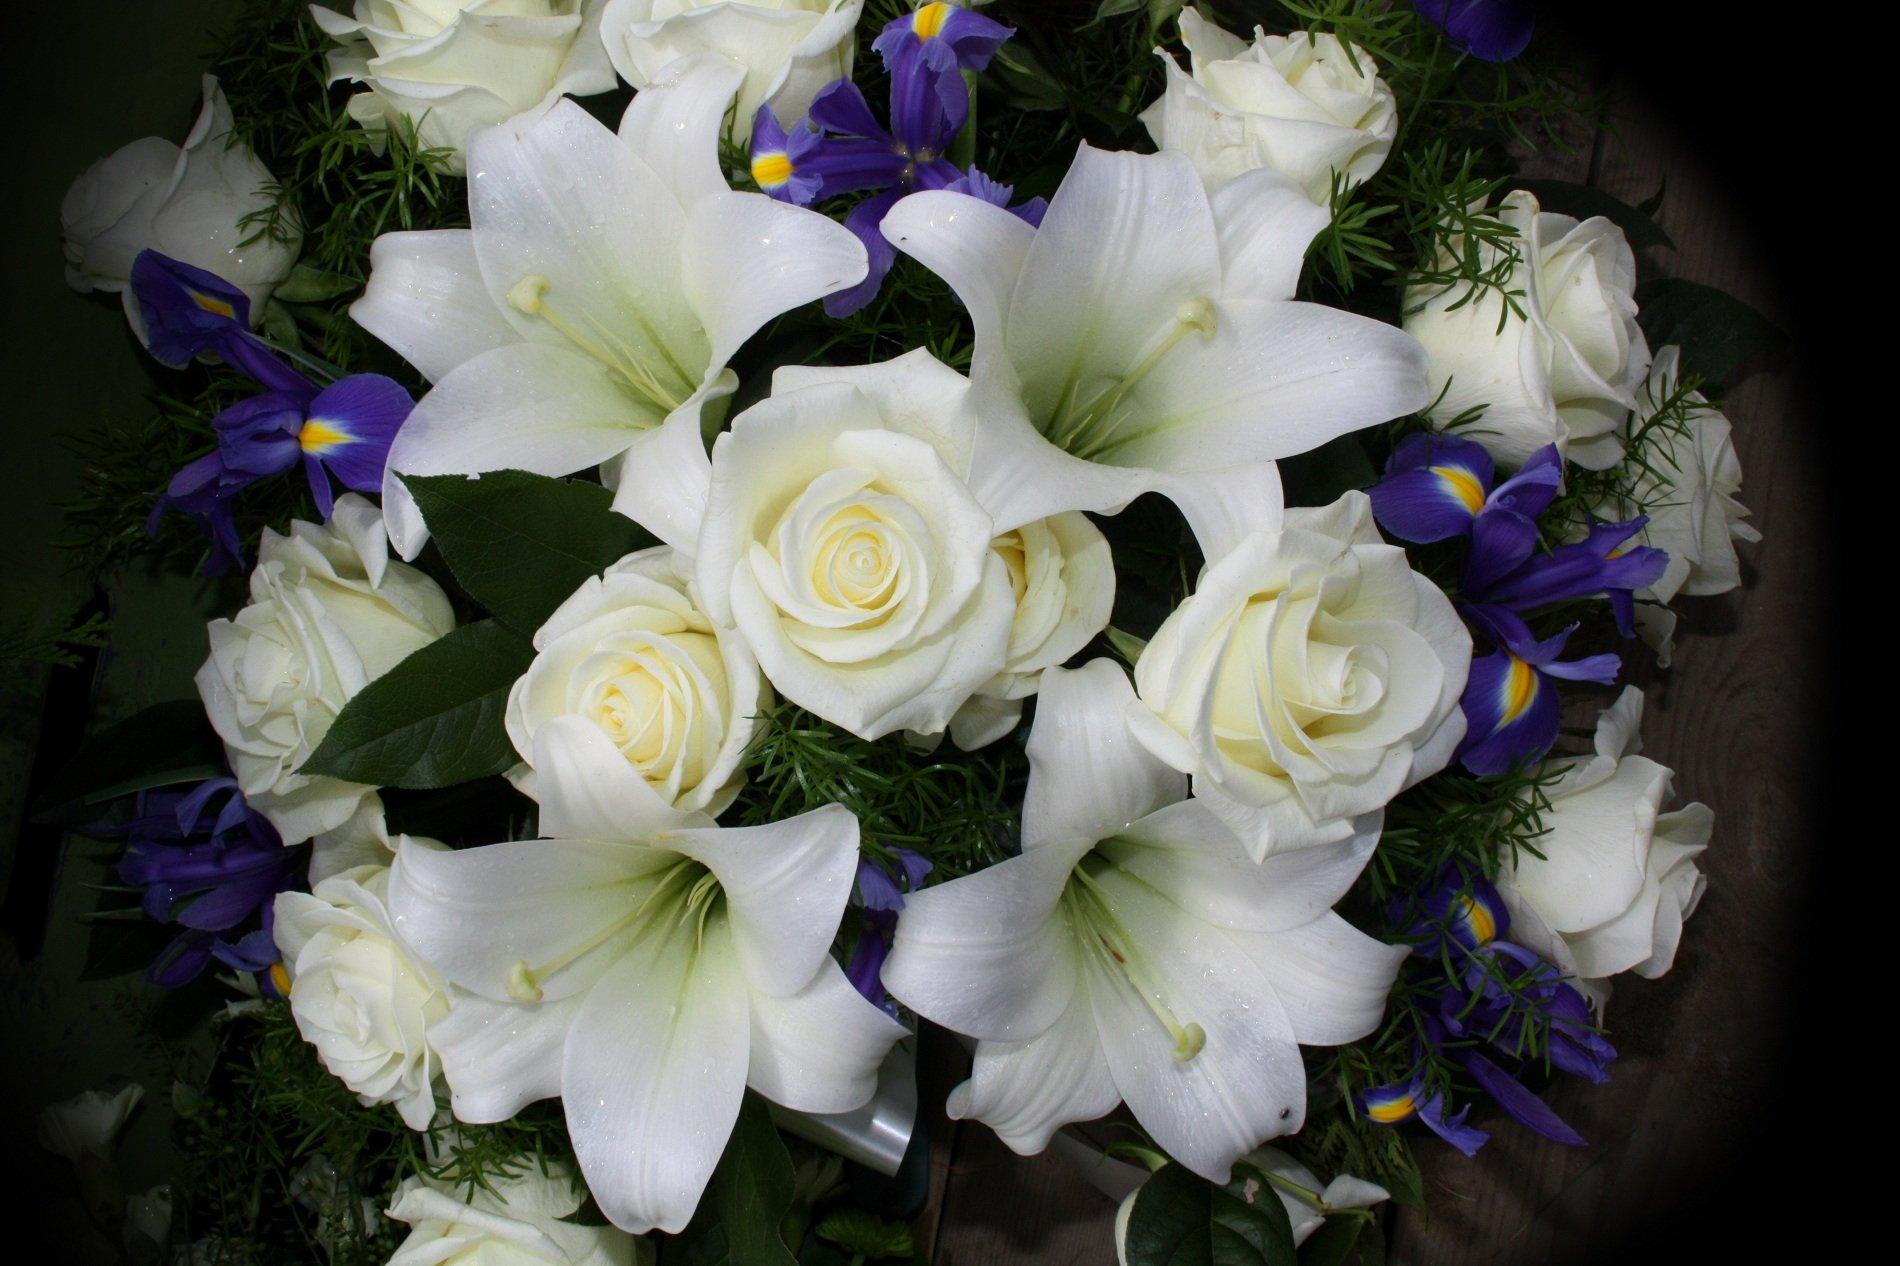 Ornamento floreale di iris violetti,gigli e rose bianchi